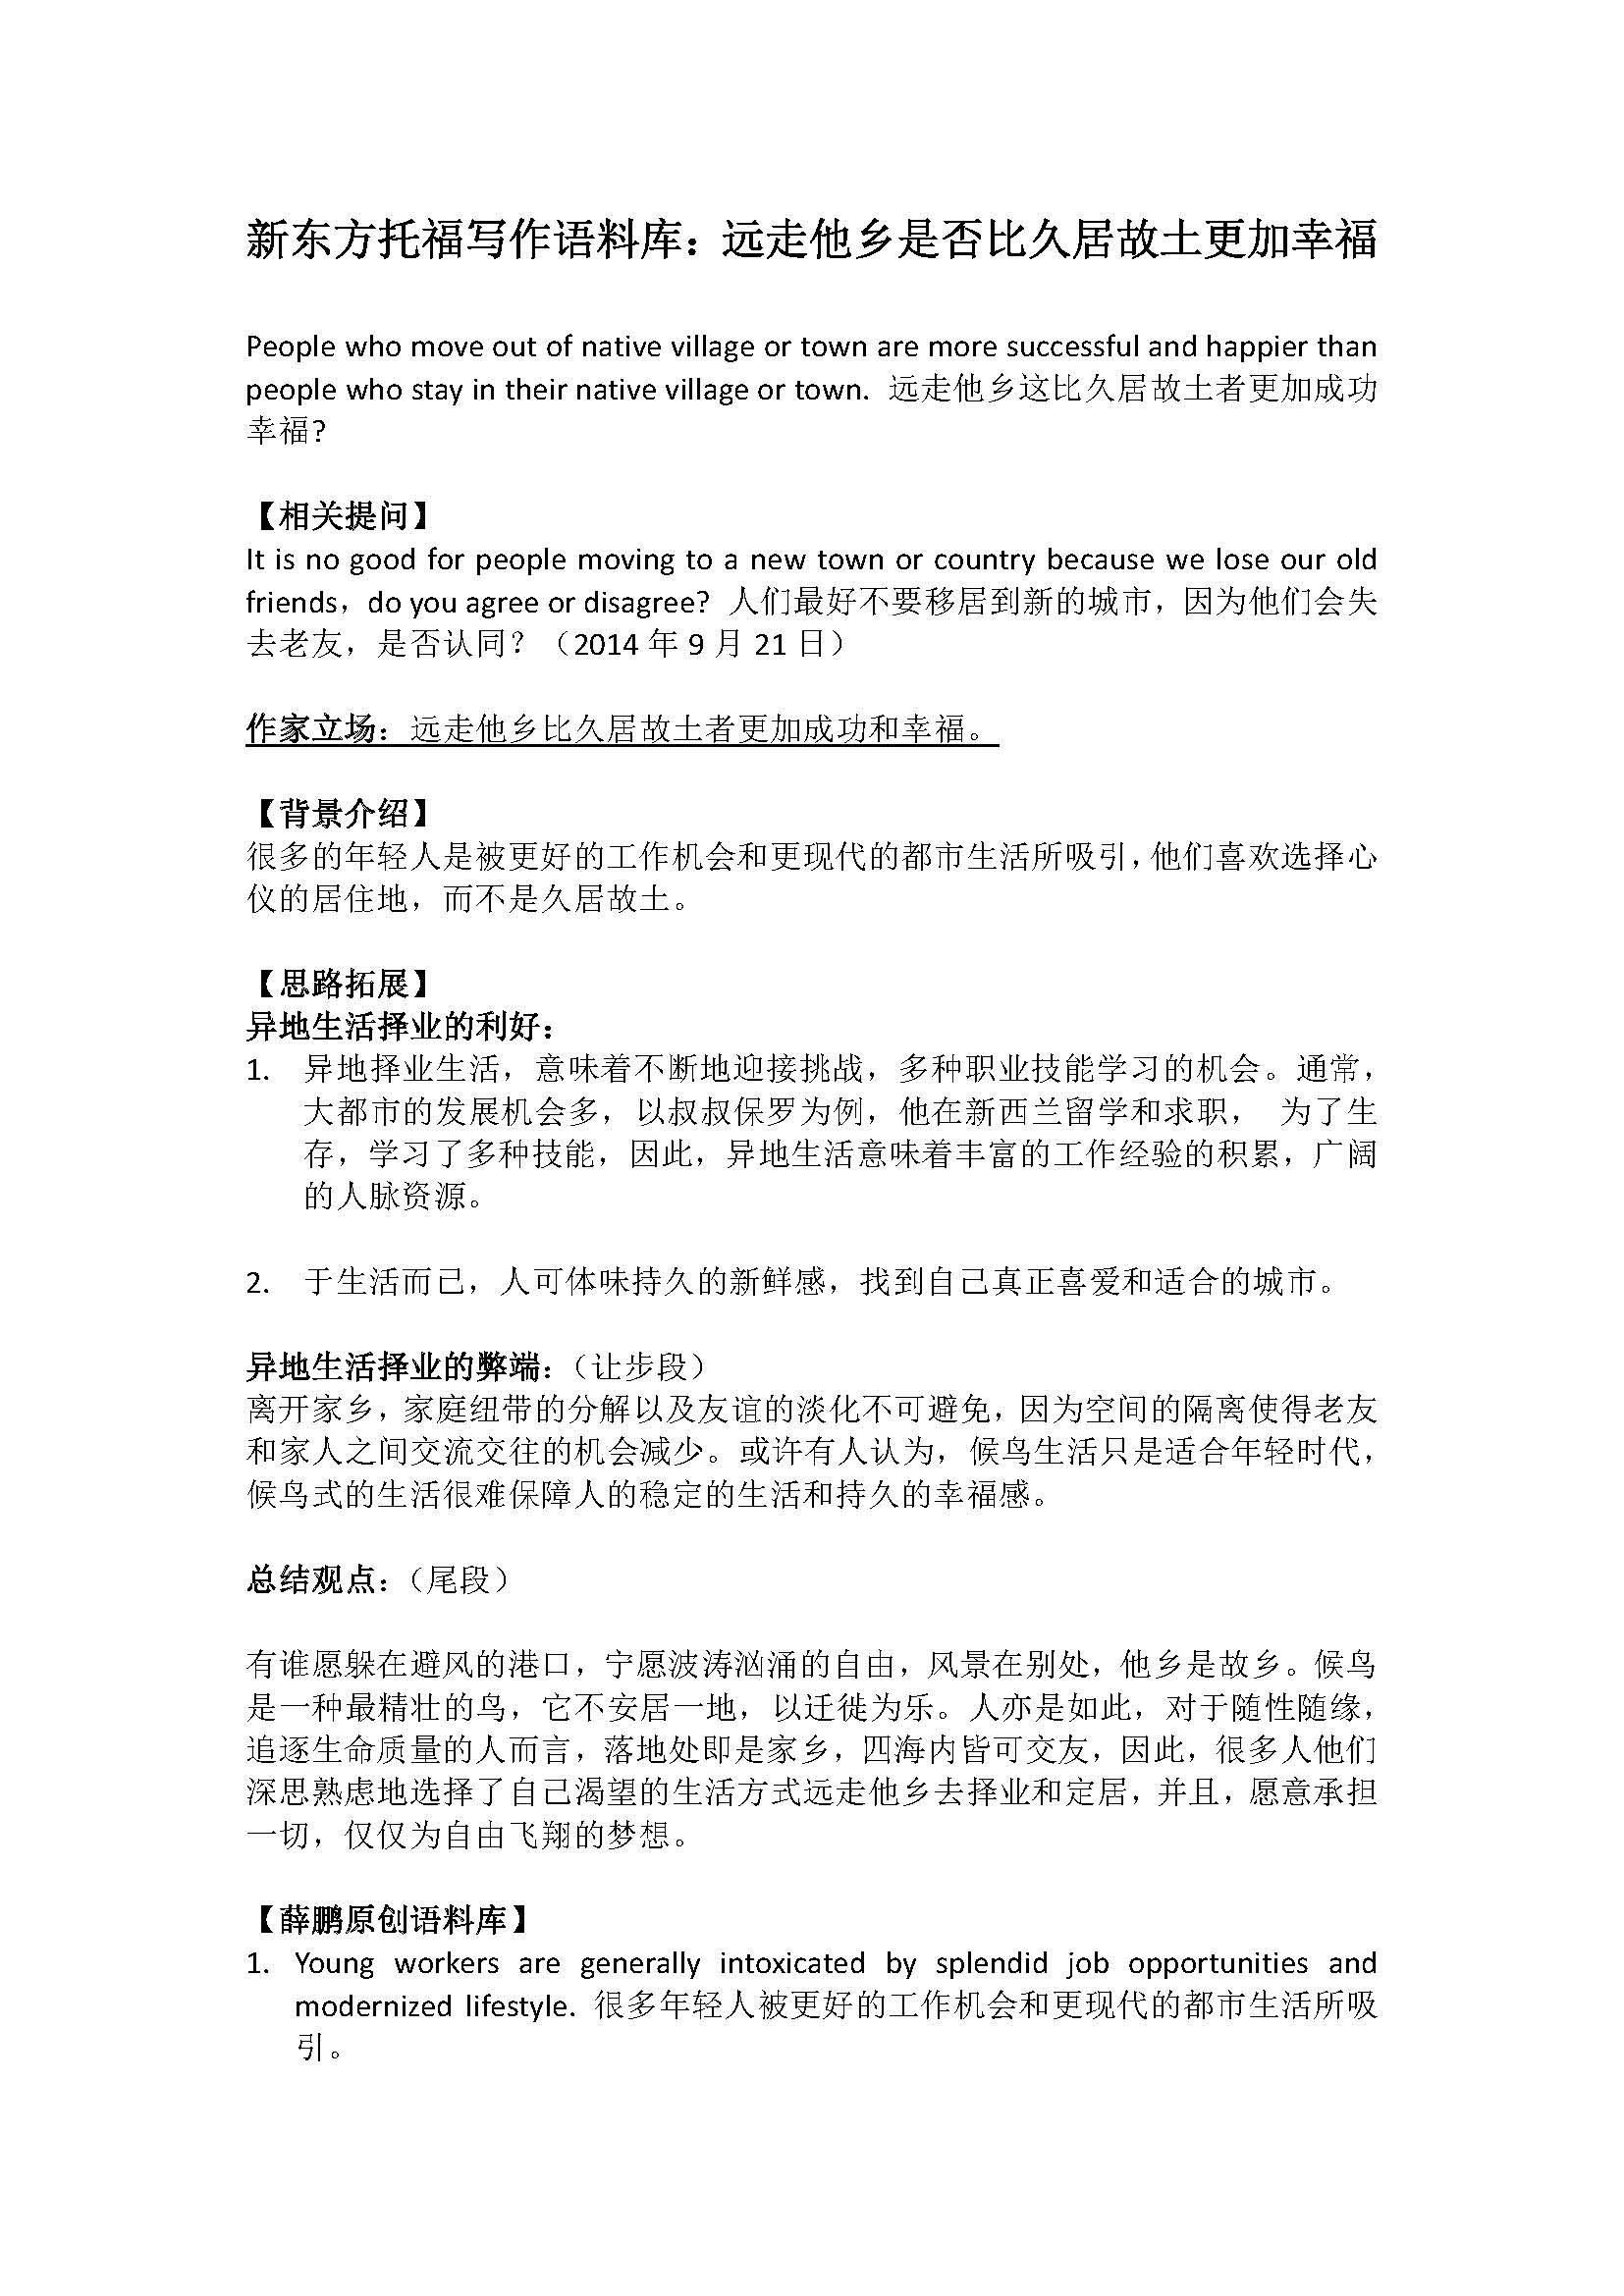 新东方托福写作语料库:远走他乡是否比久居故土更加幸福